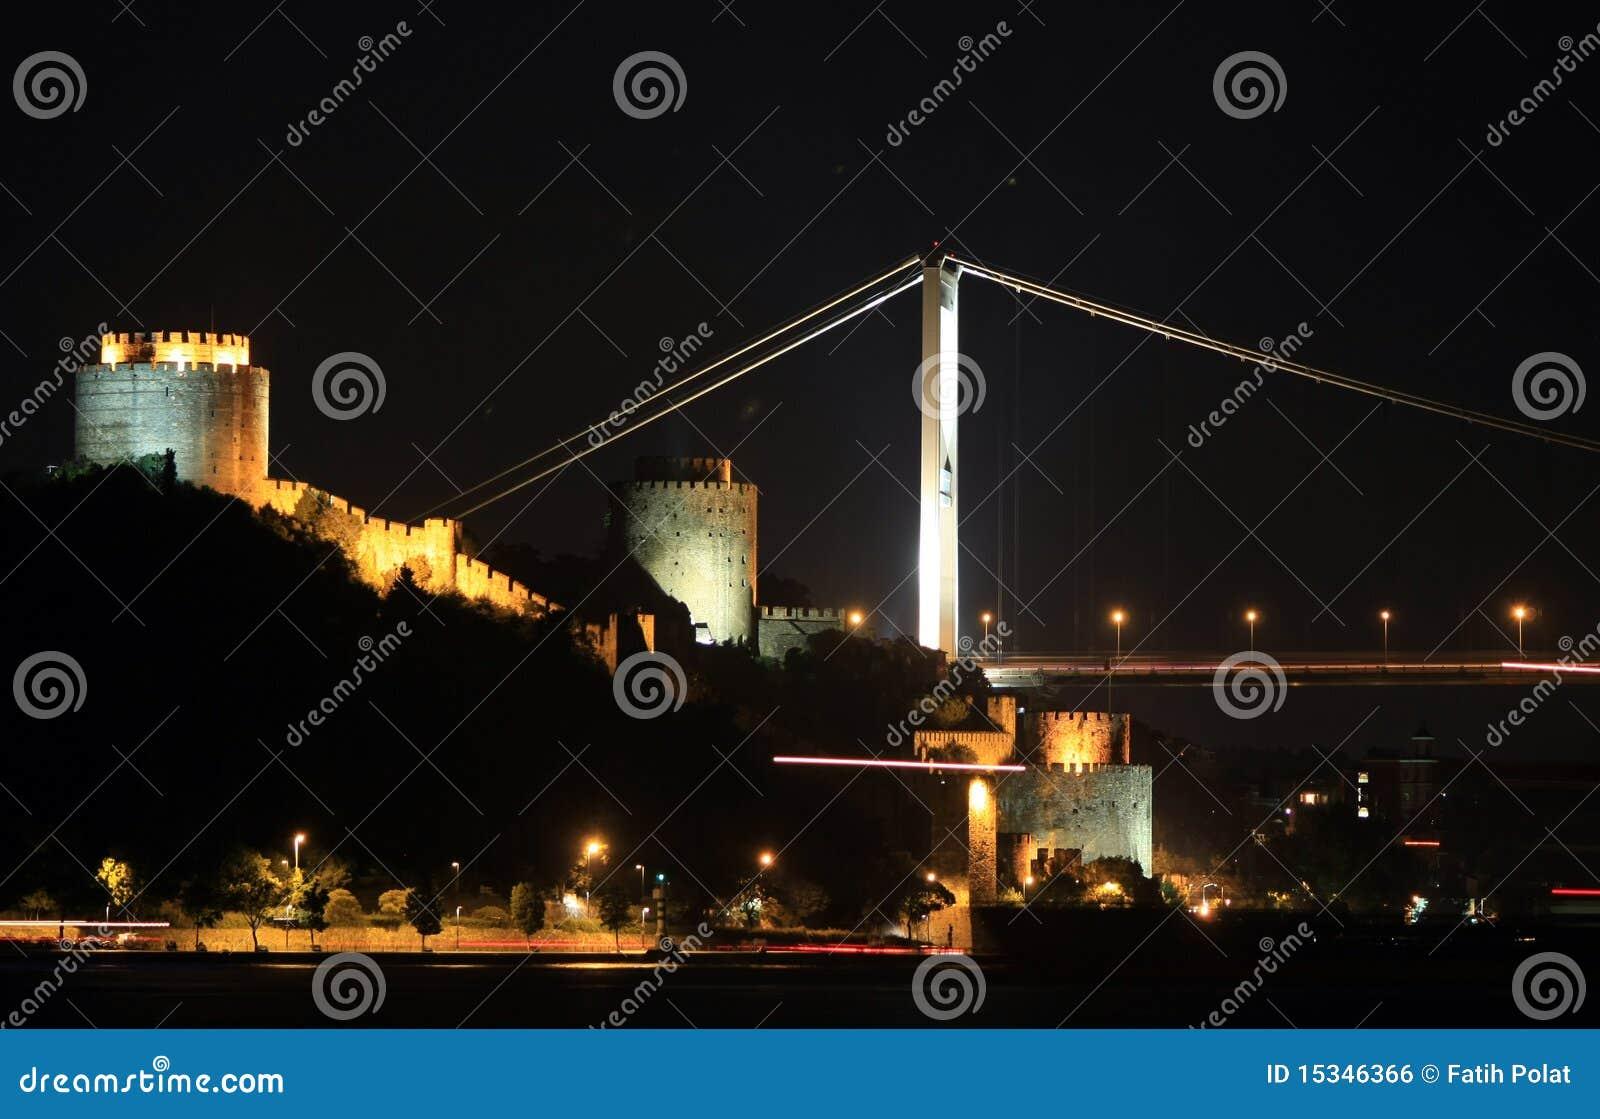 Andra för slott för bosporus bro rumelian